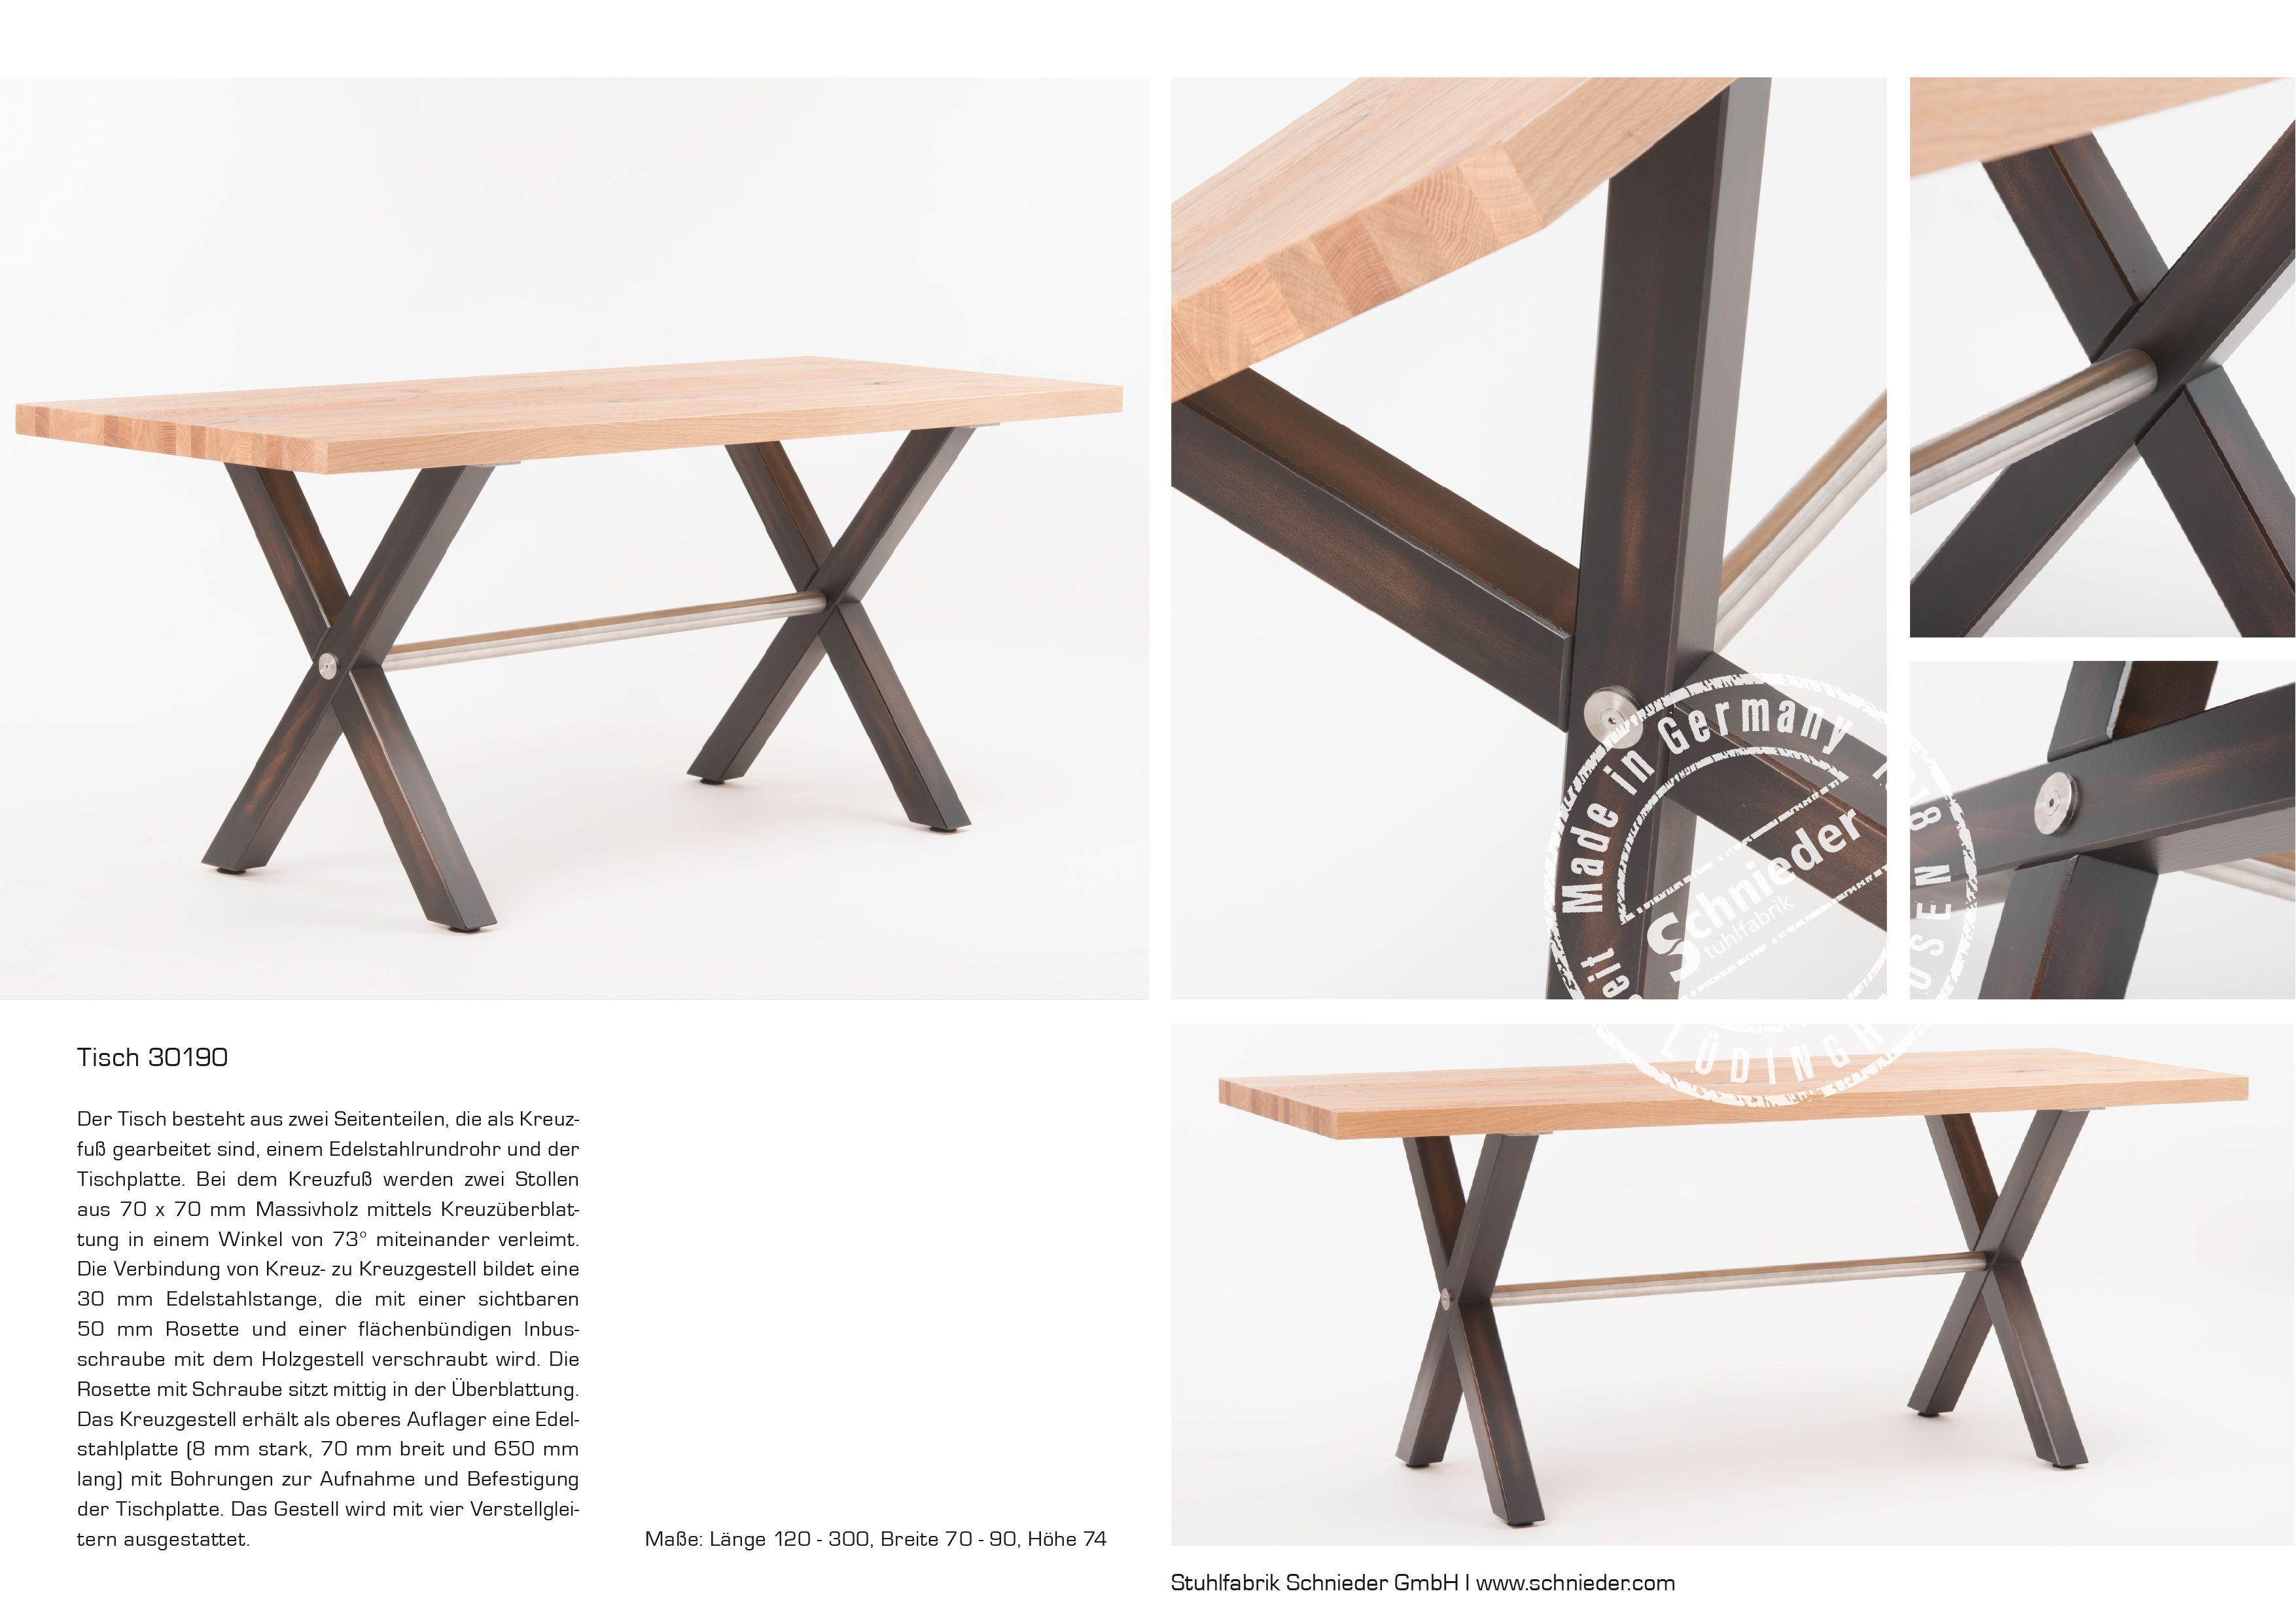 30190 Restaurant Tisch Stuhlfabrik Schnieder Ludinghausen Gastronomie Mobel Stuhle Tisch